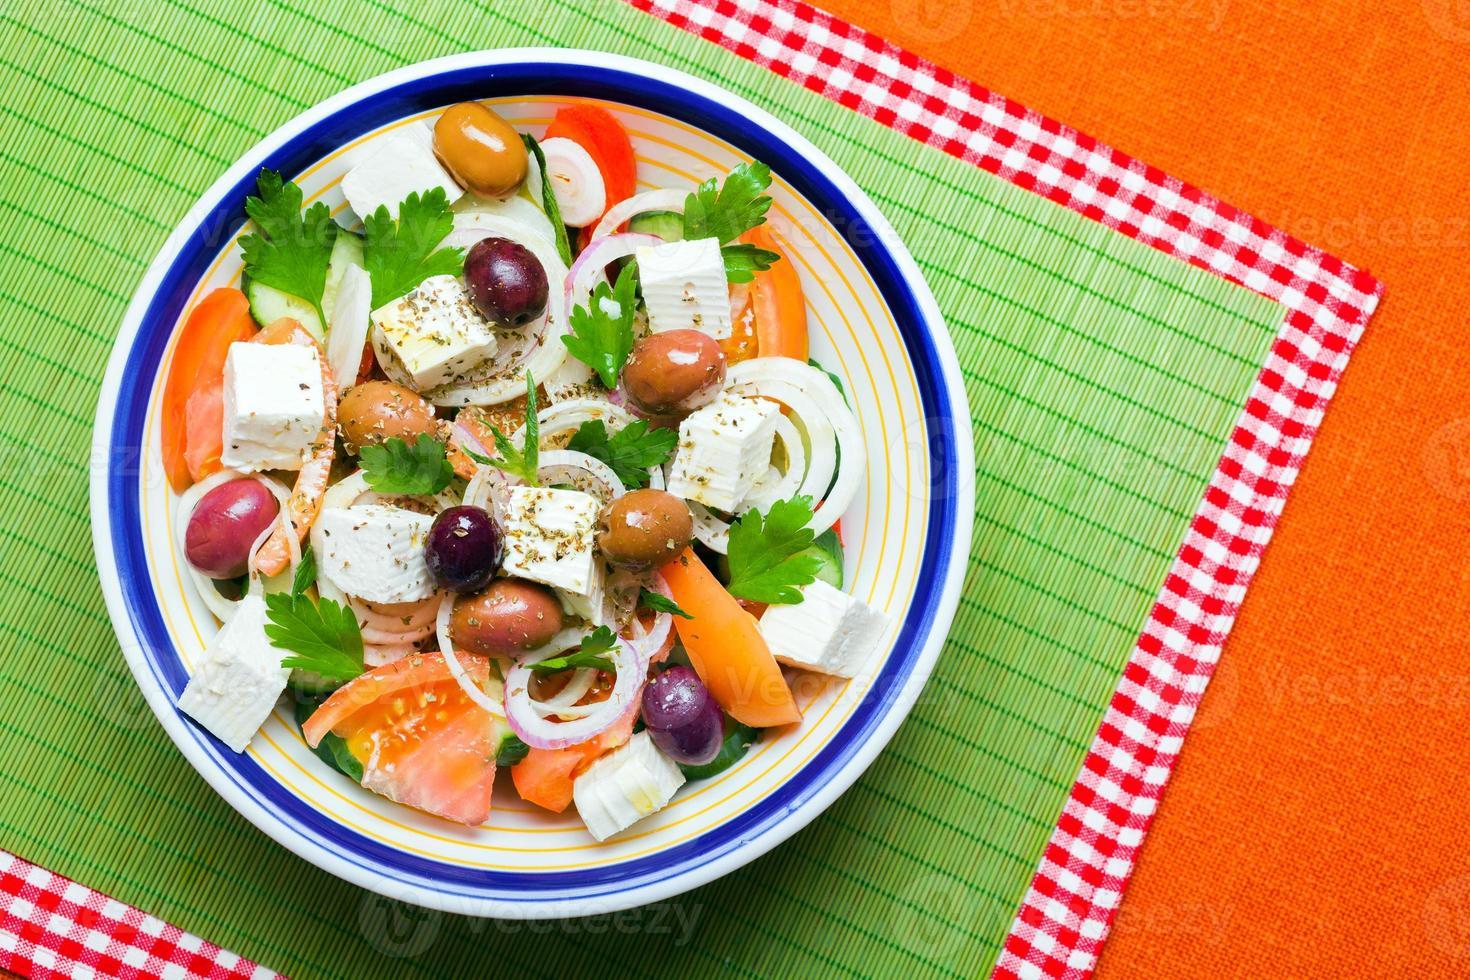 insalata tradizionale greca del villaggio foto